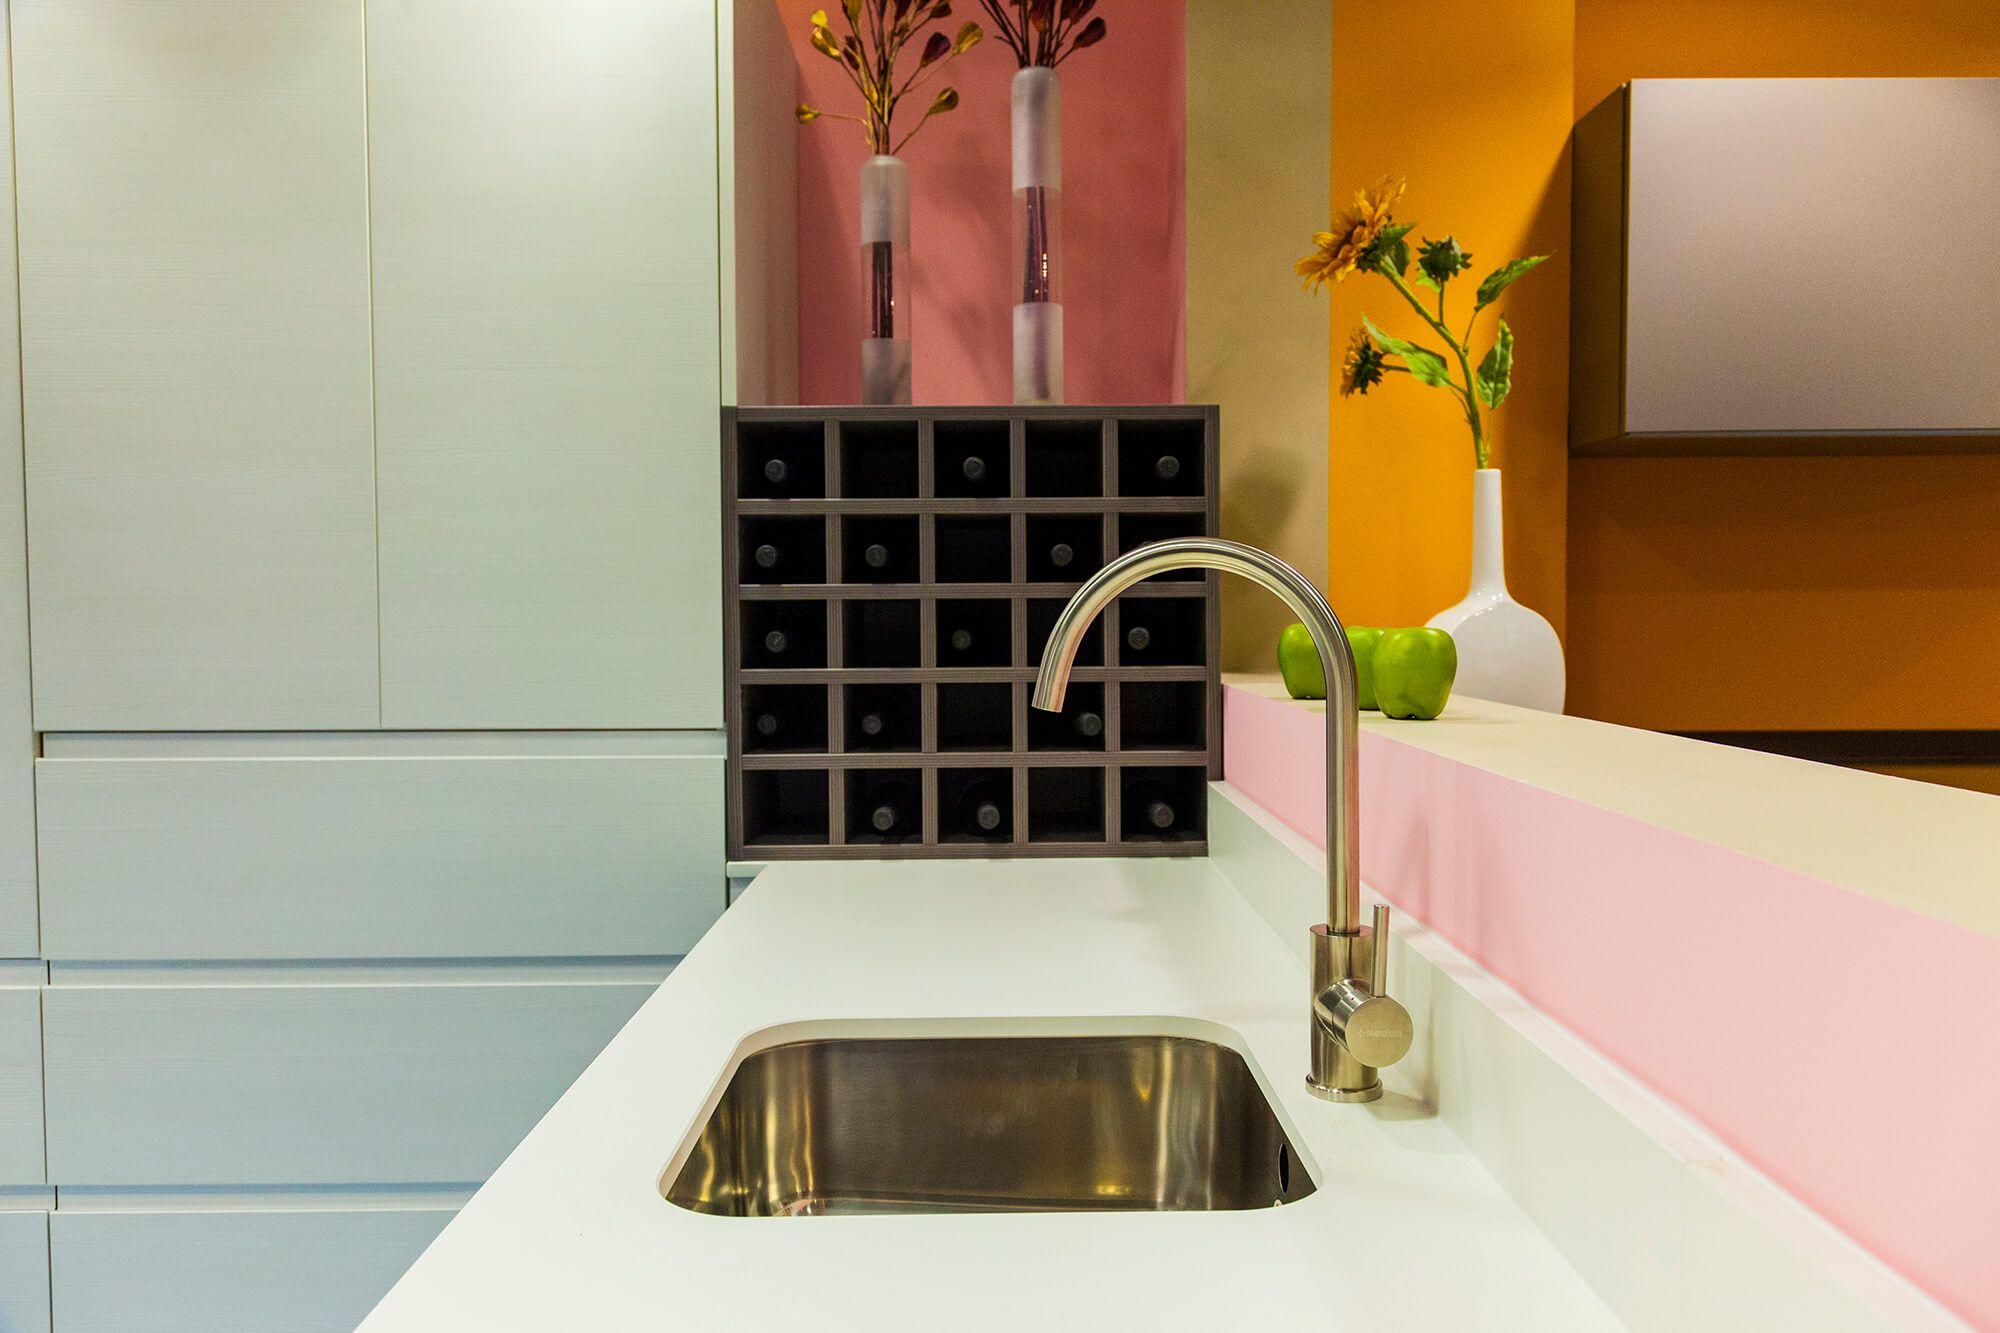 Detalle cocina en alcala lasan lasan decoracion - Muebles de cocina lasan ...